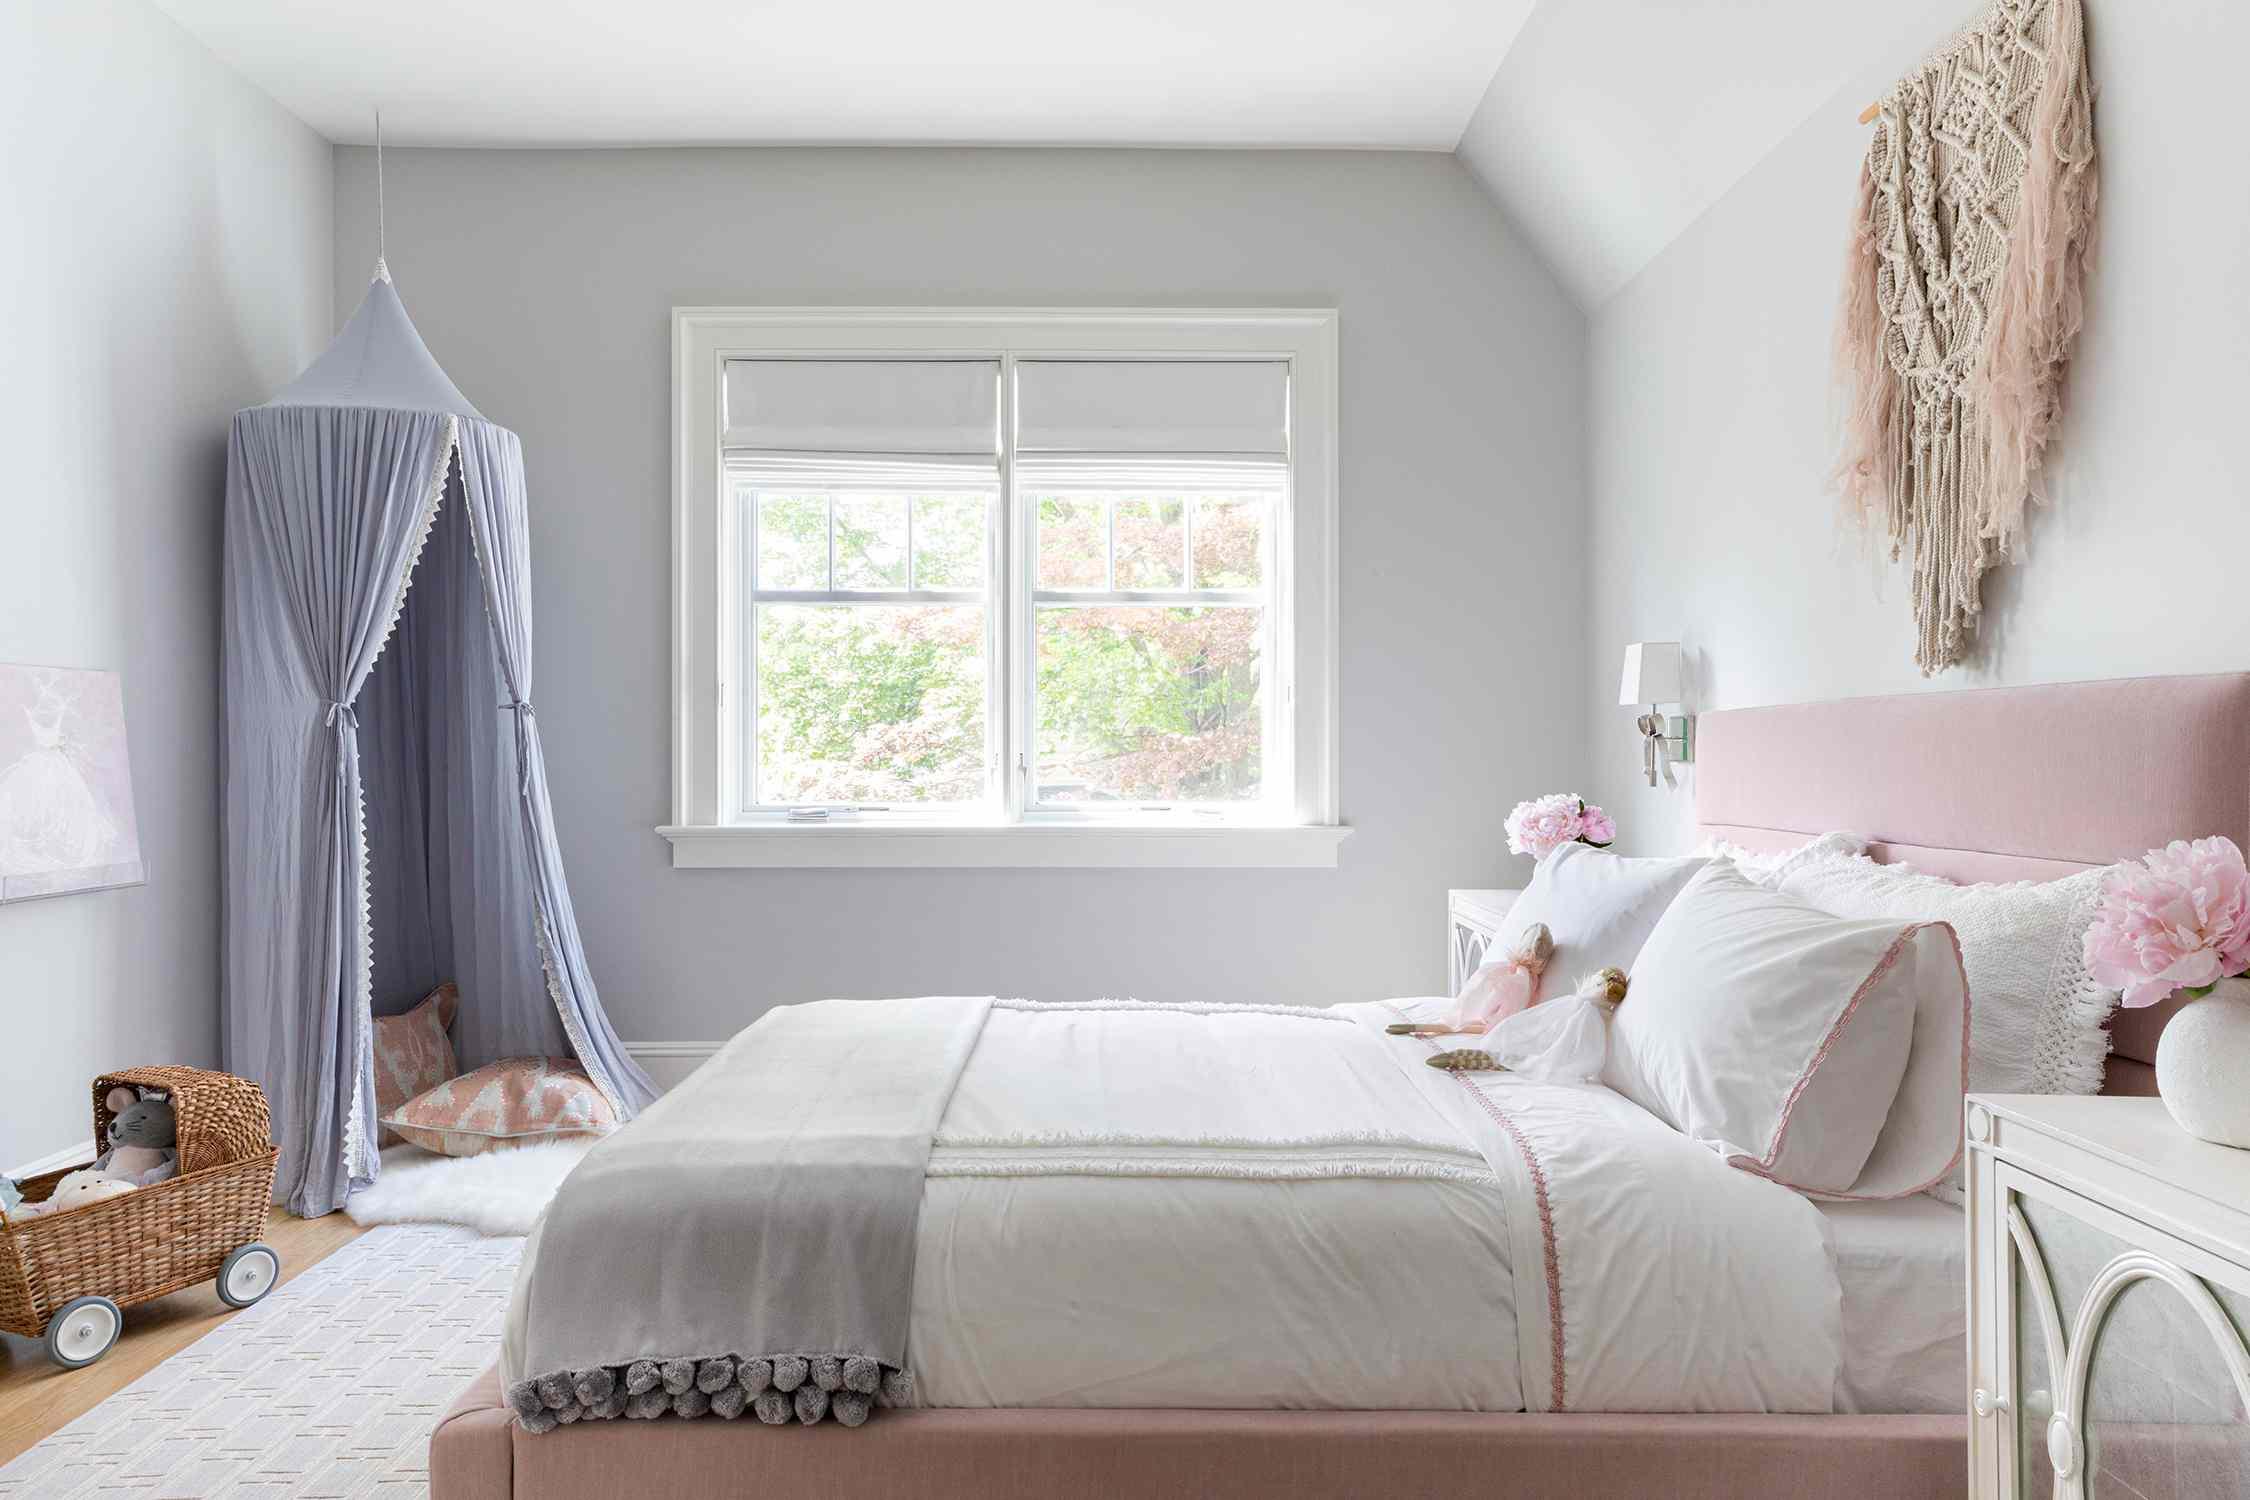 new jersey home tour - children's bedroom